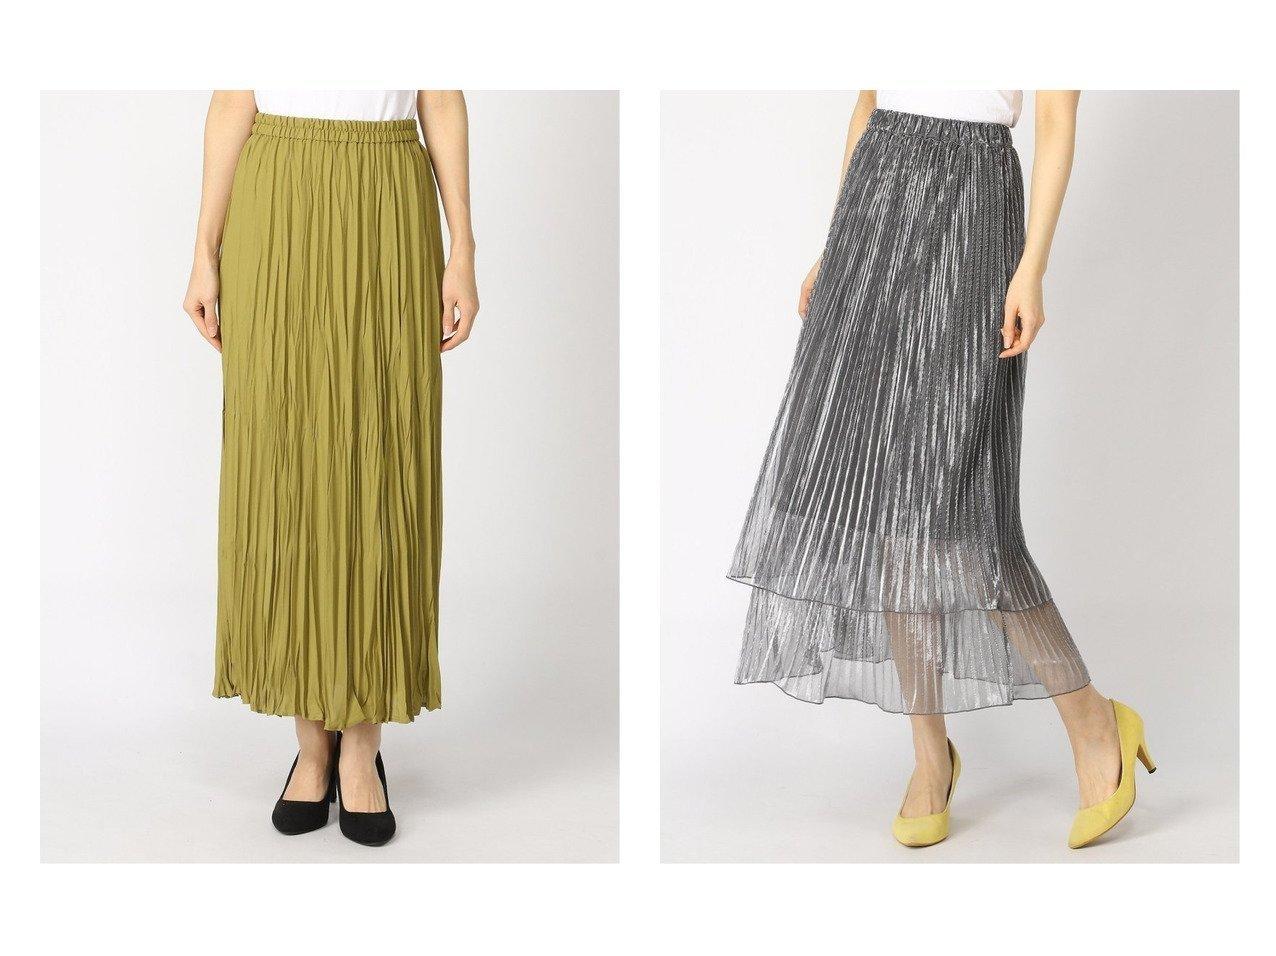 【JEANASiS/ジーナシス】のシアーシャイニーレイヤーSK&【LOWRYS FARM/ローリーズファーム】のワッシャープリーツスカート* 【スカート】おすすめ!人気、トレンド・レディースファッションの通販    レディースファッション・服の通販 founy(ファニー)